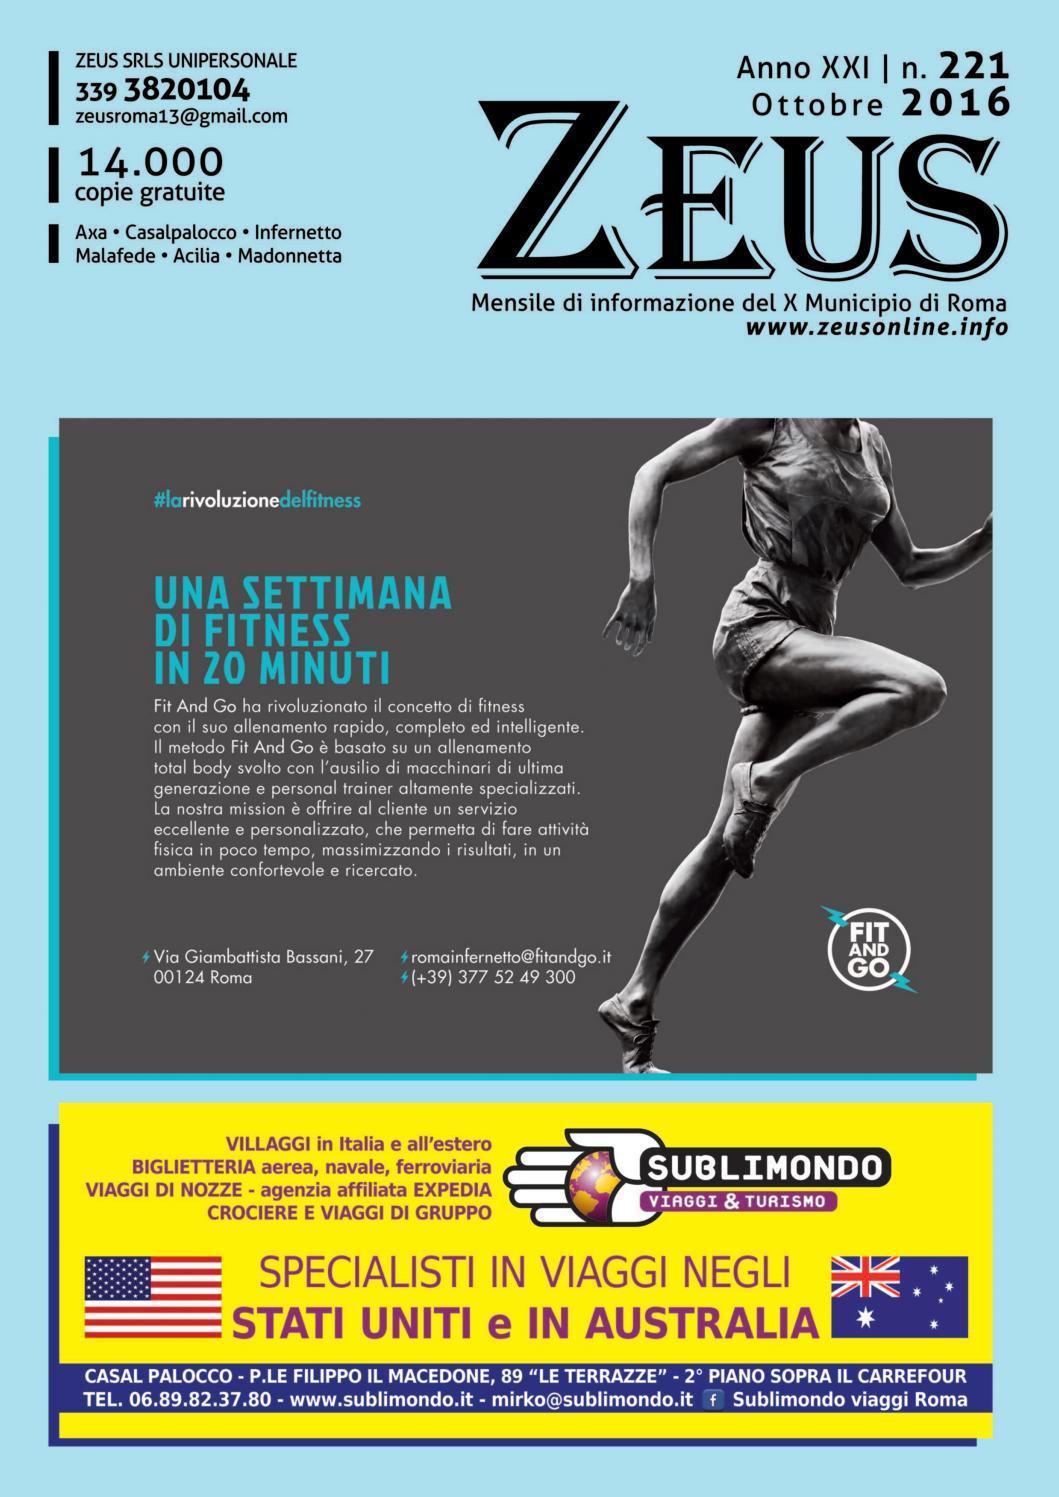 221zeus by ZEUS - Mensile di informazione X Municipio Roma